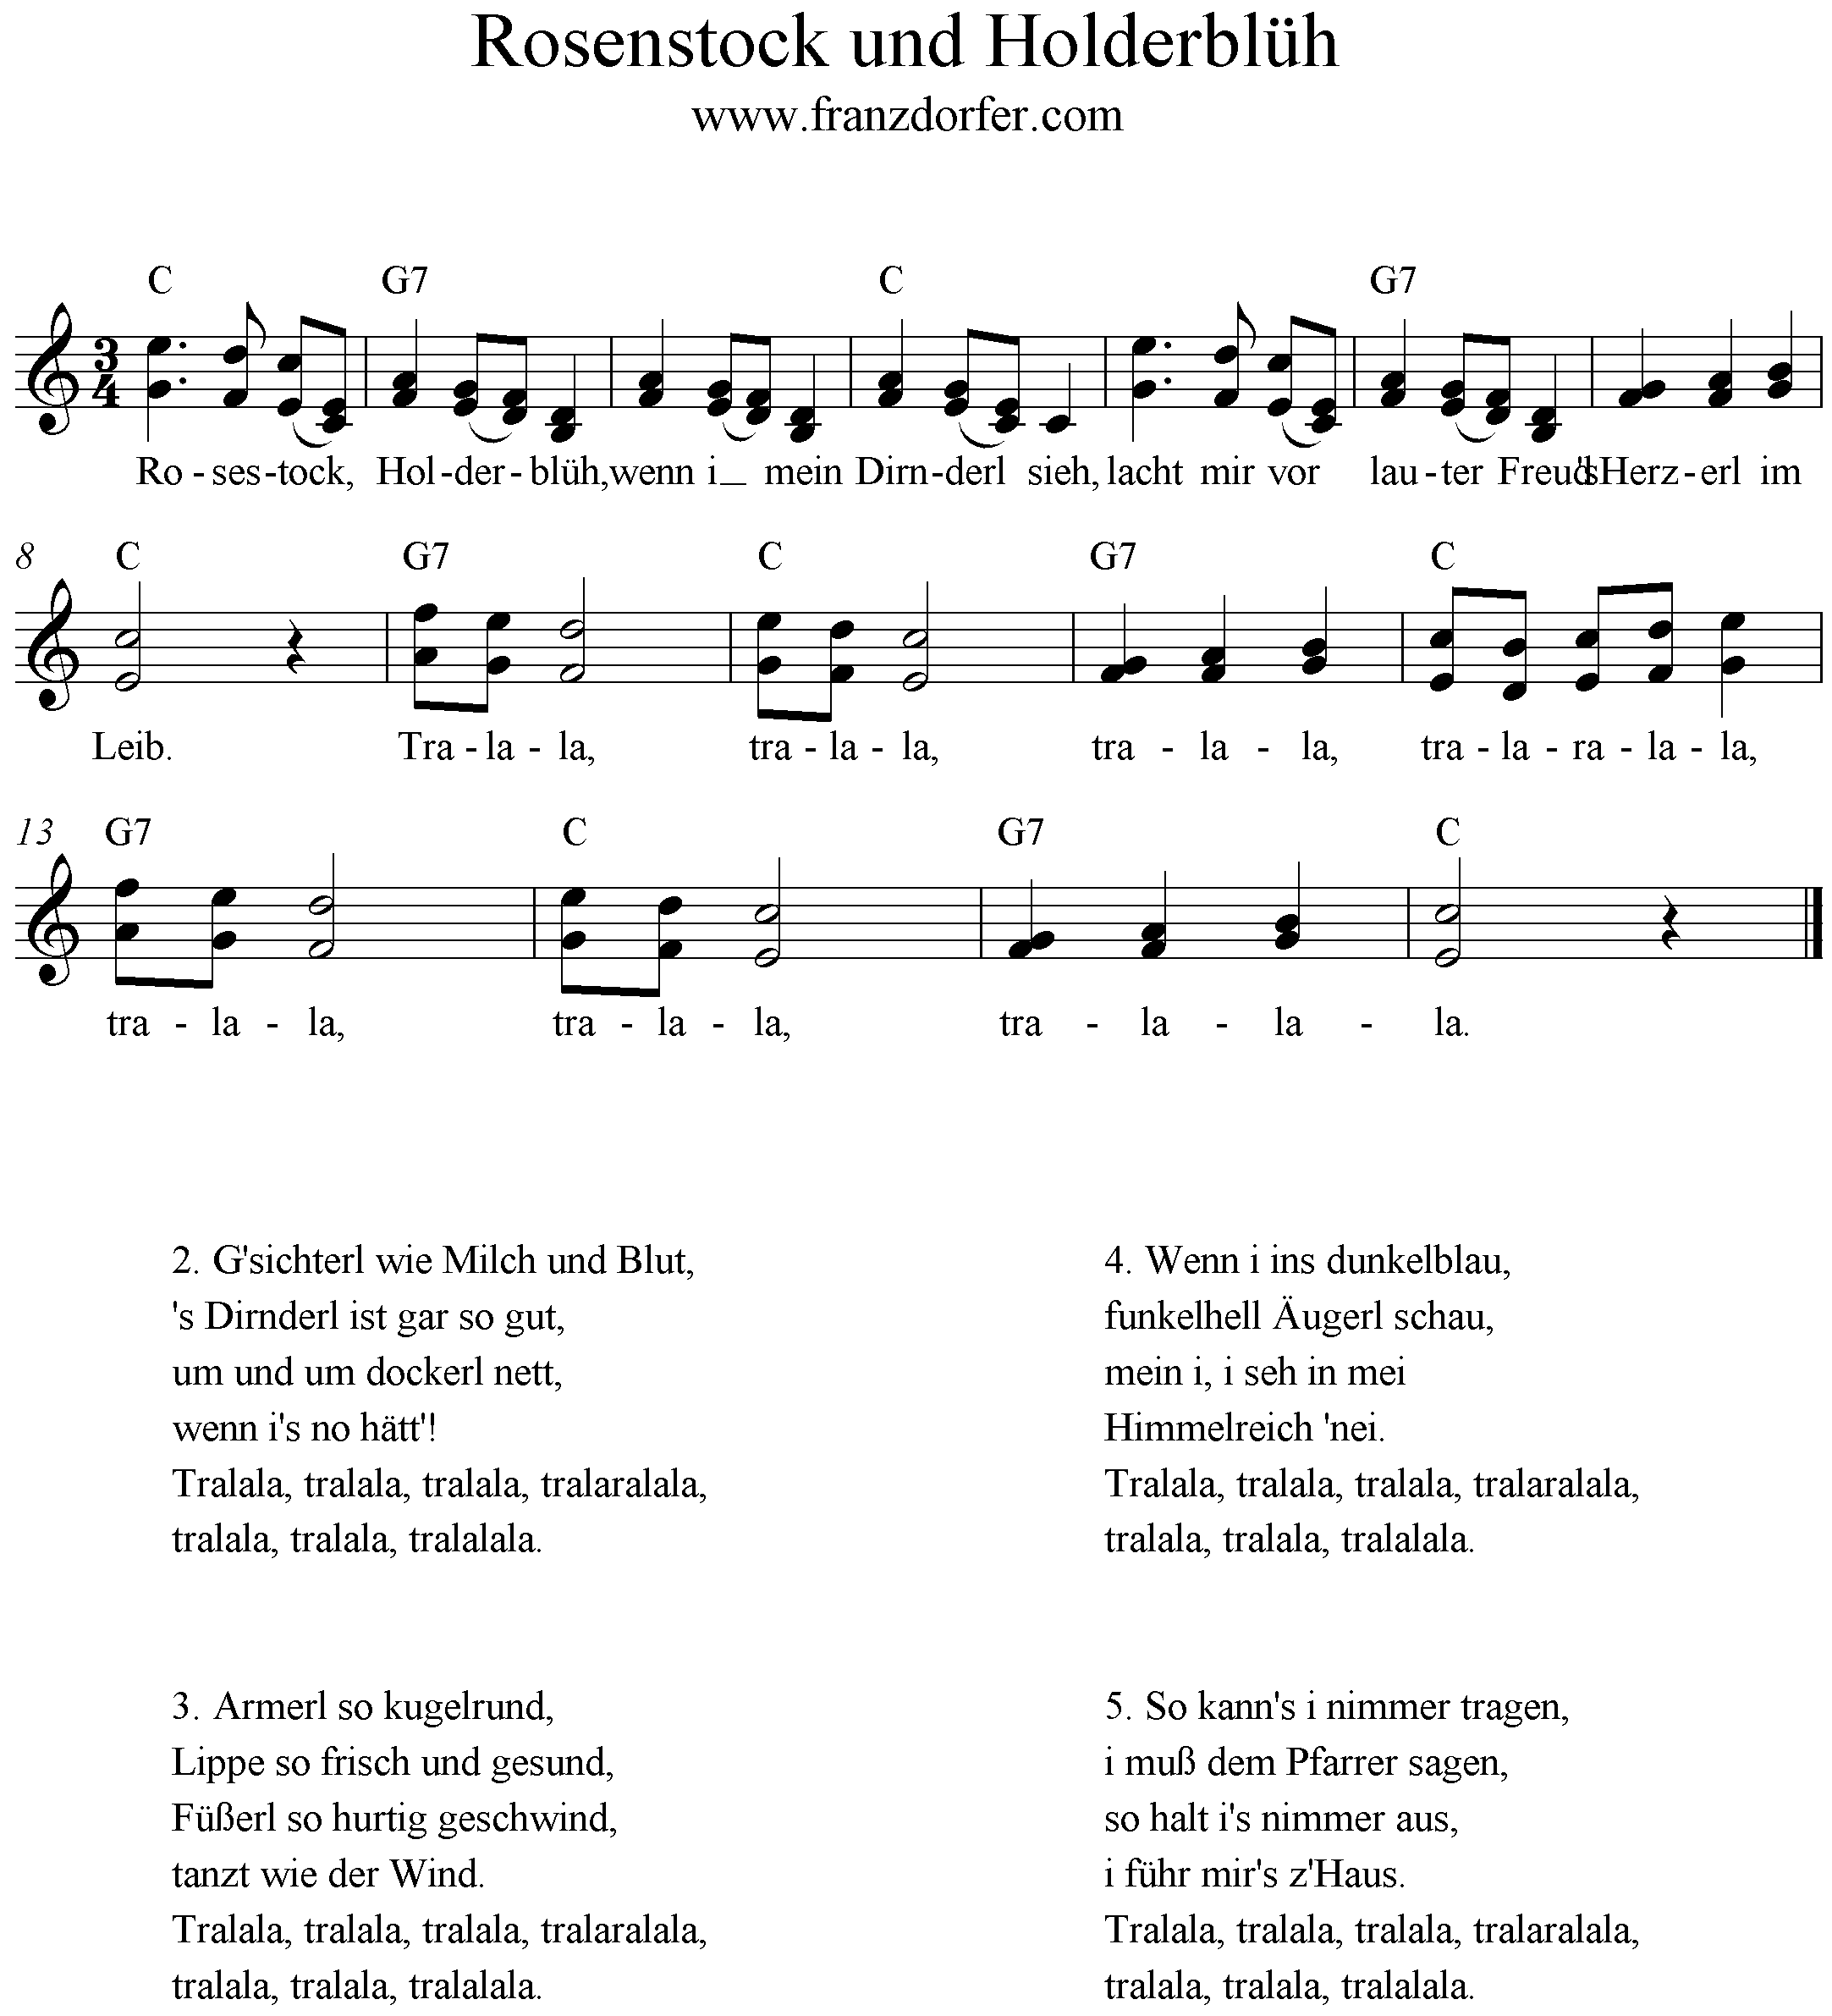 Rosenstock und Holderblüh, 2stimmig, Duo, C-Dur